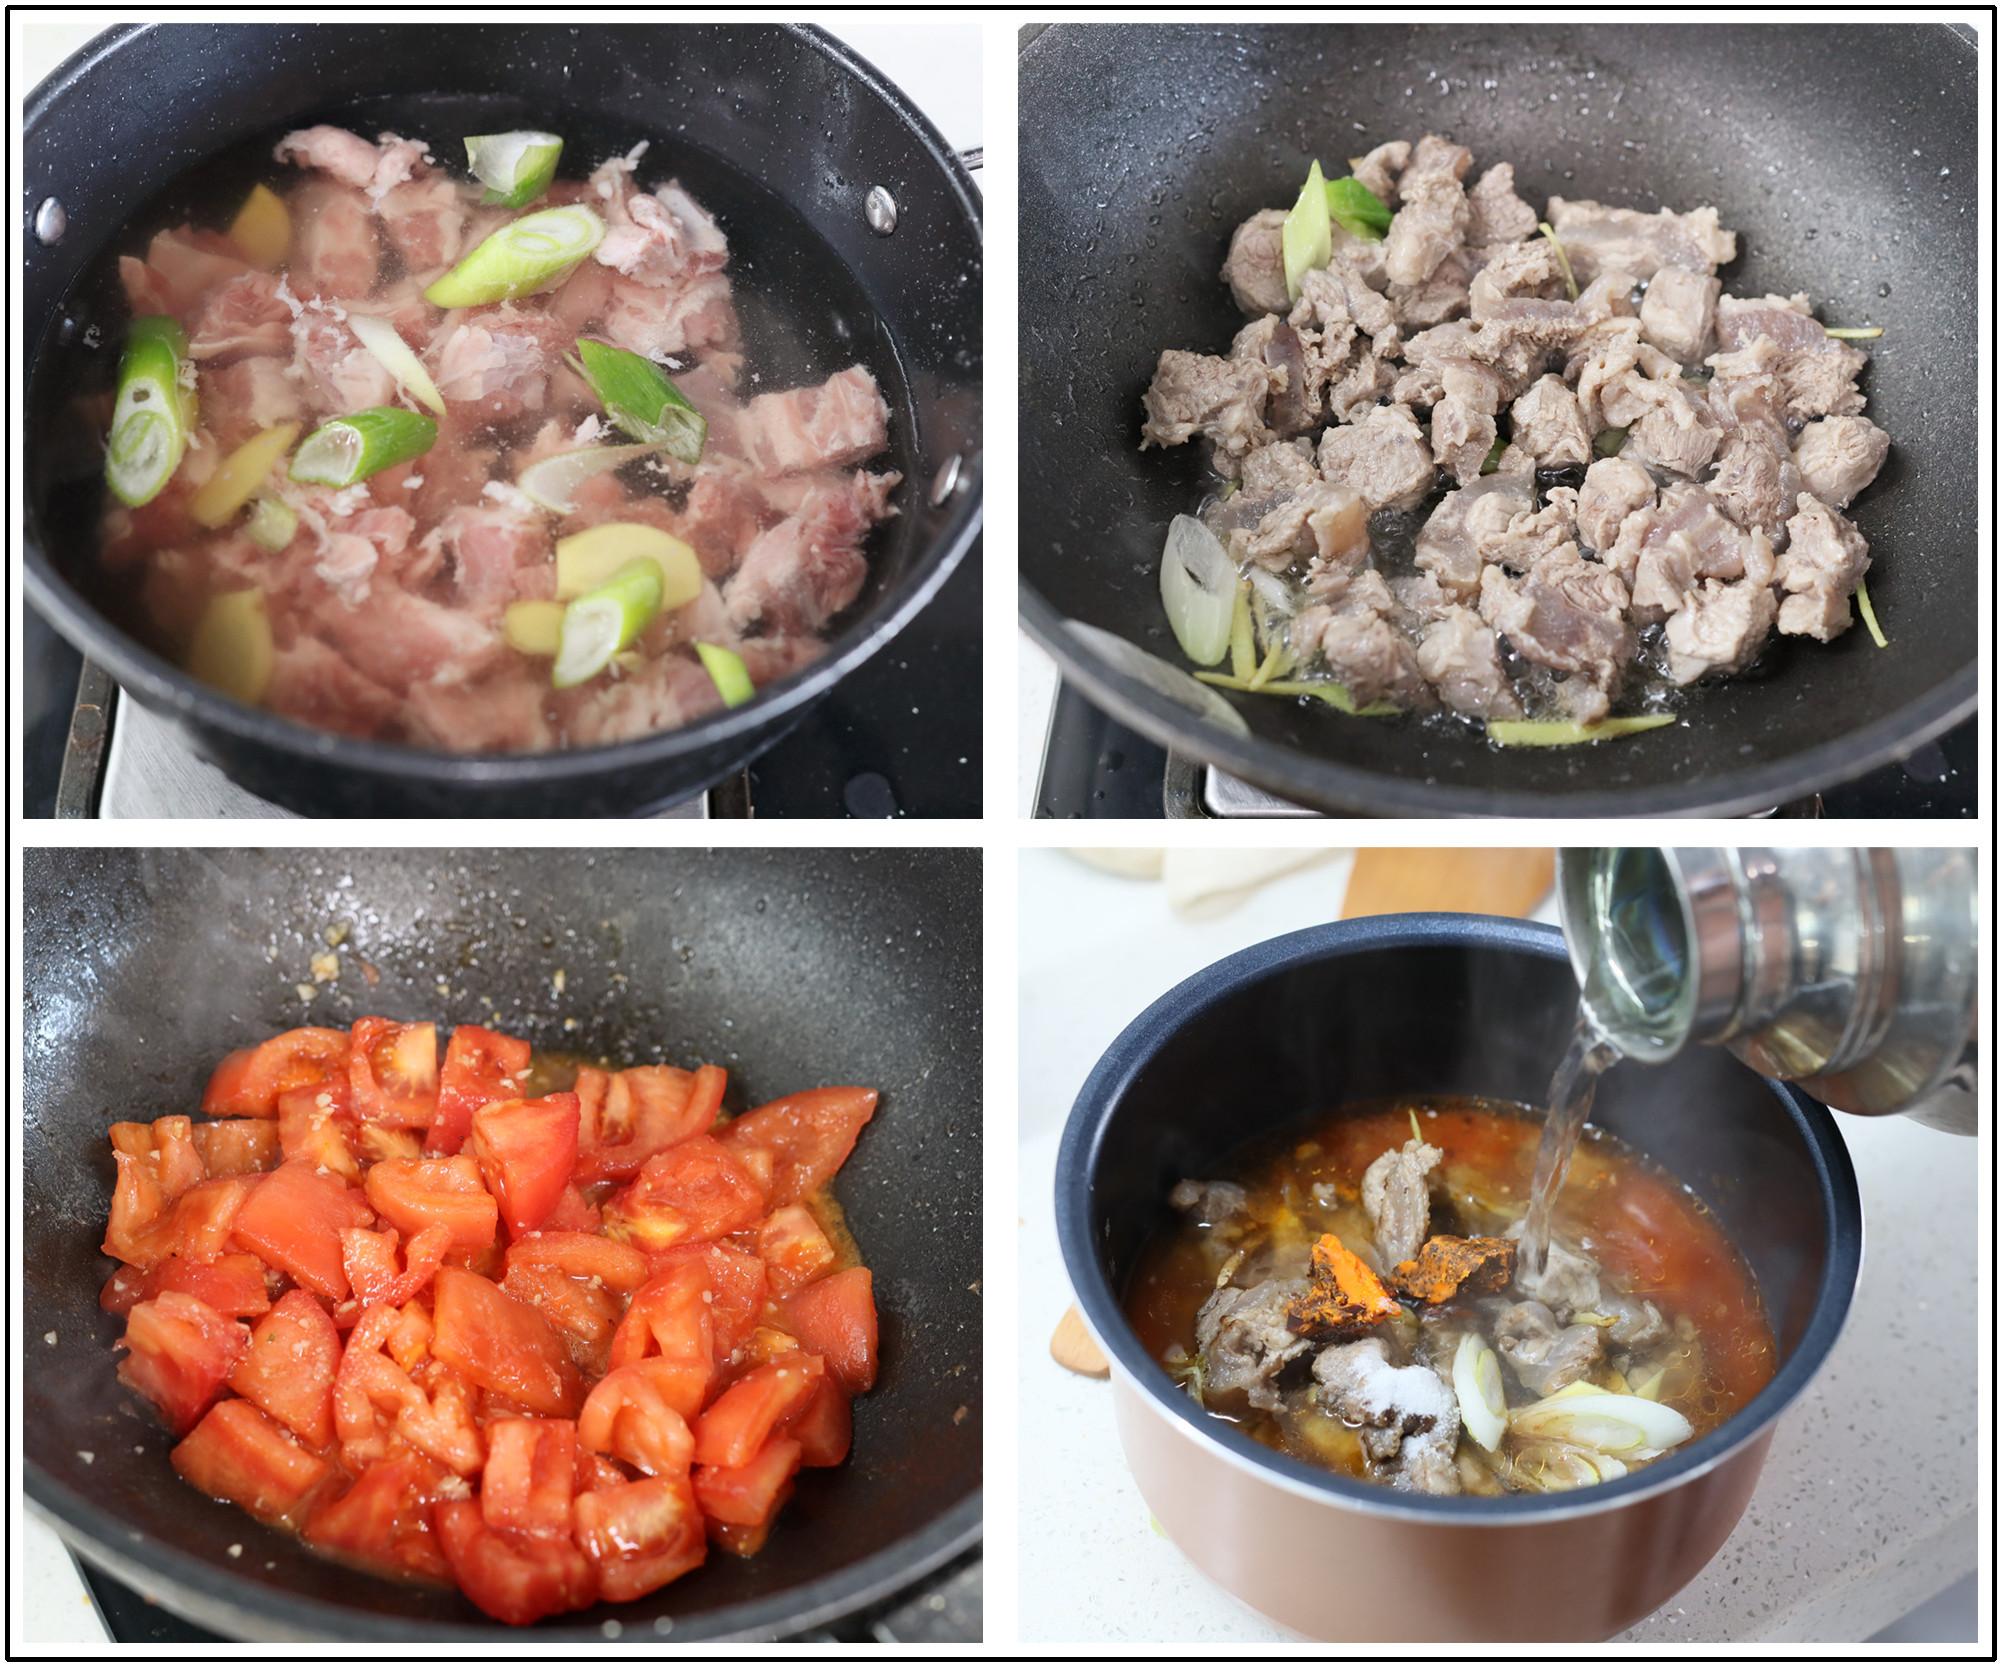 小满到了,适合大热天吃的10道菜,夏天照着做,不愁没好菜了 美食做法 第8张